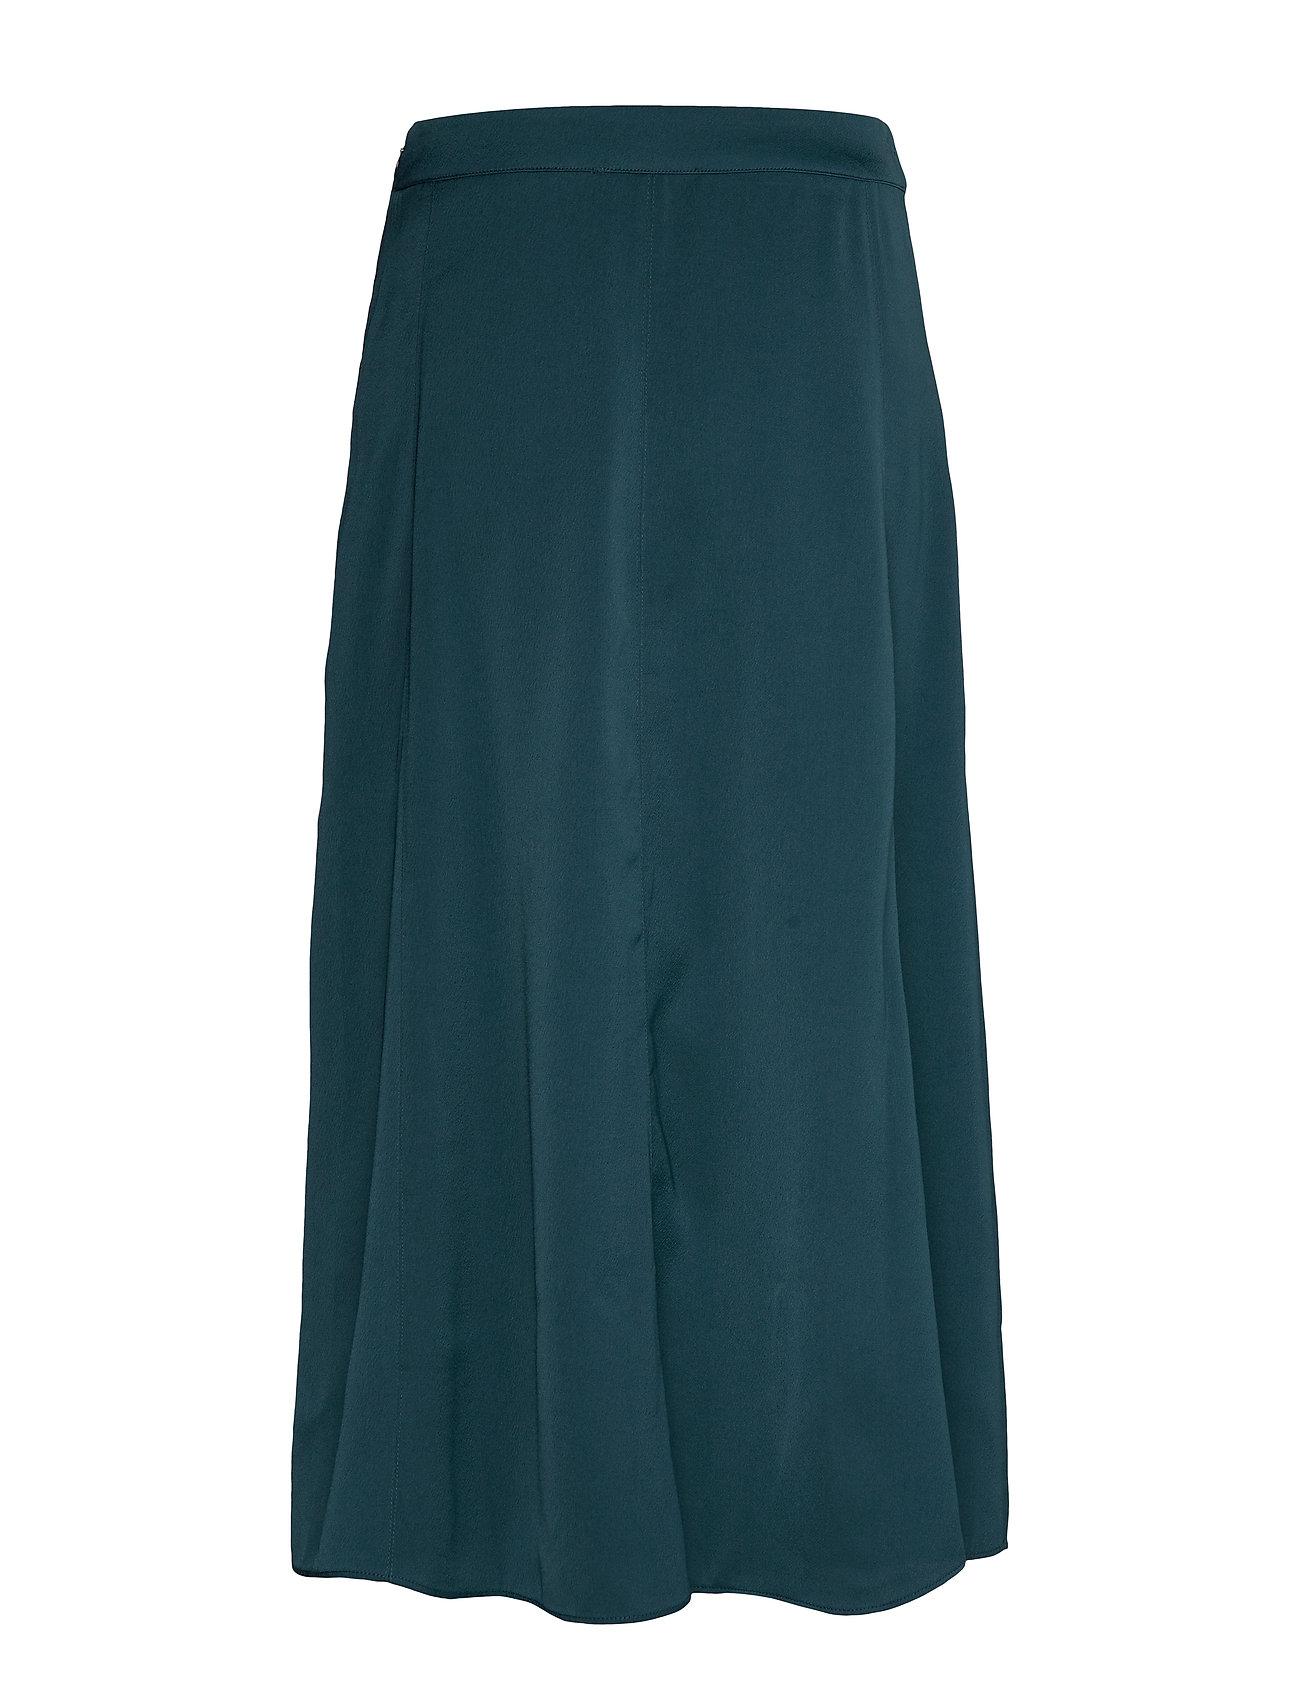 Ilse Jacobsen Skirt - Kjolar